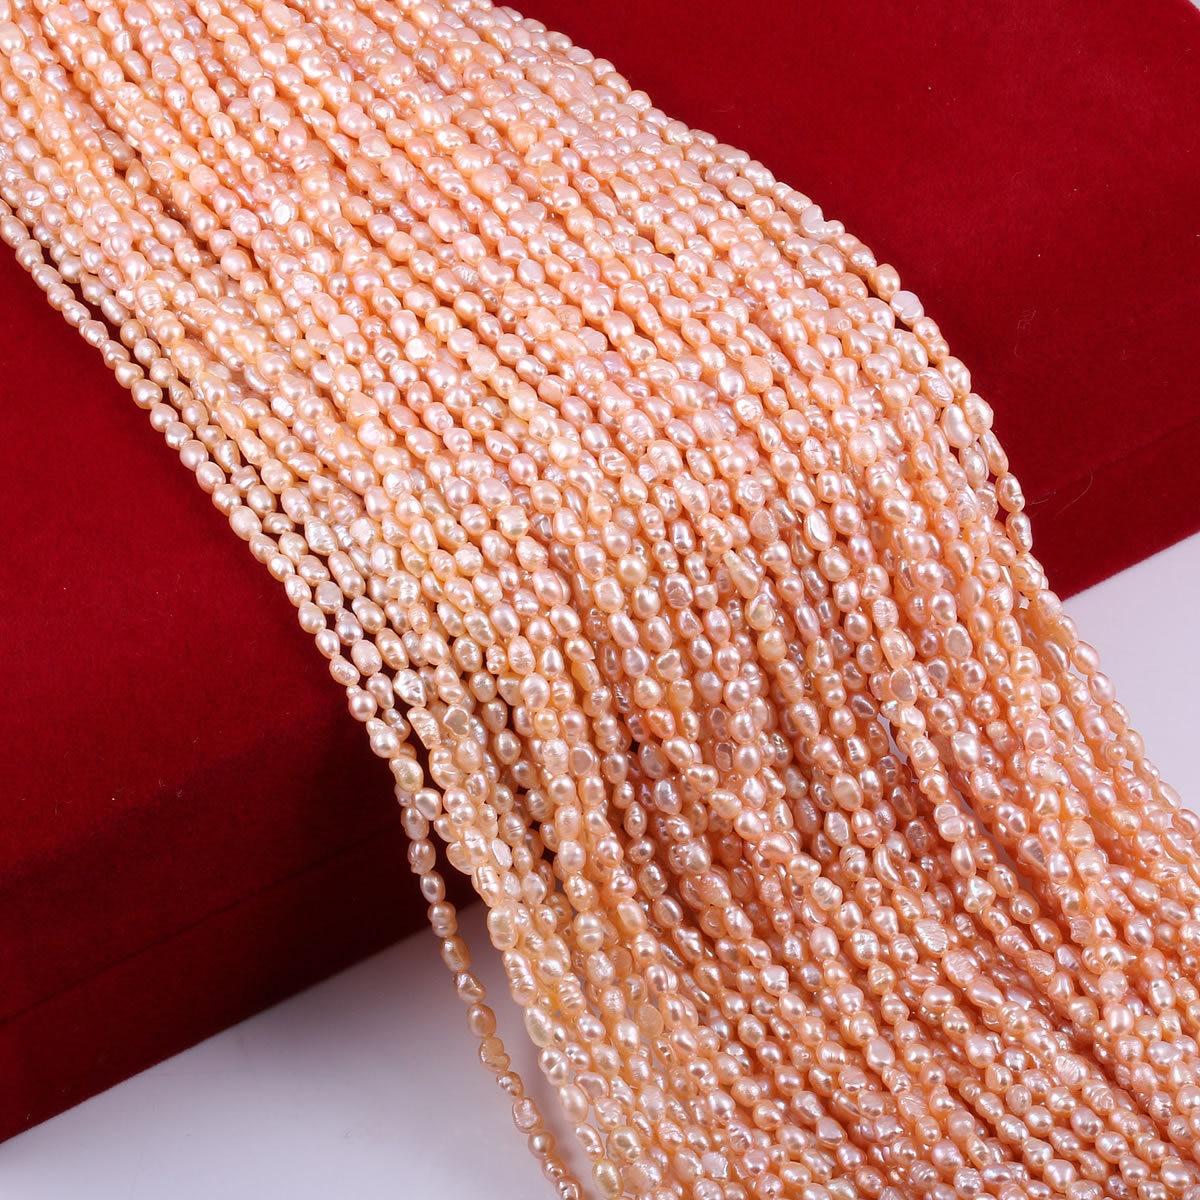 Бусы из натурального пресноводного жемчуга, маленький размер, высокое качество, 36 см., бусины для рукоделия, для женщин, ожерелье, браслет, изготовление ювелирных изделий - Цвет: Белый